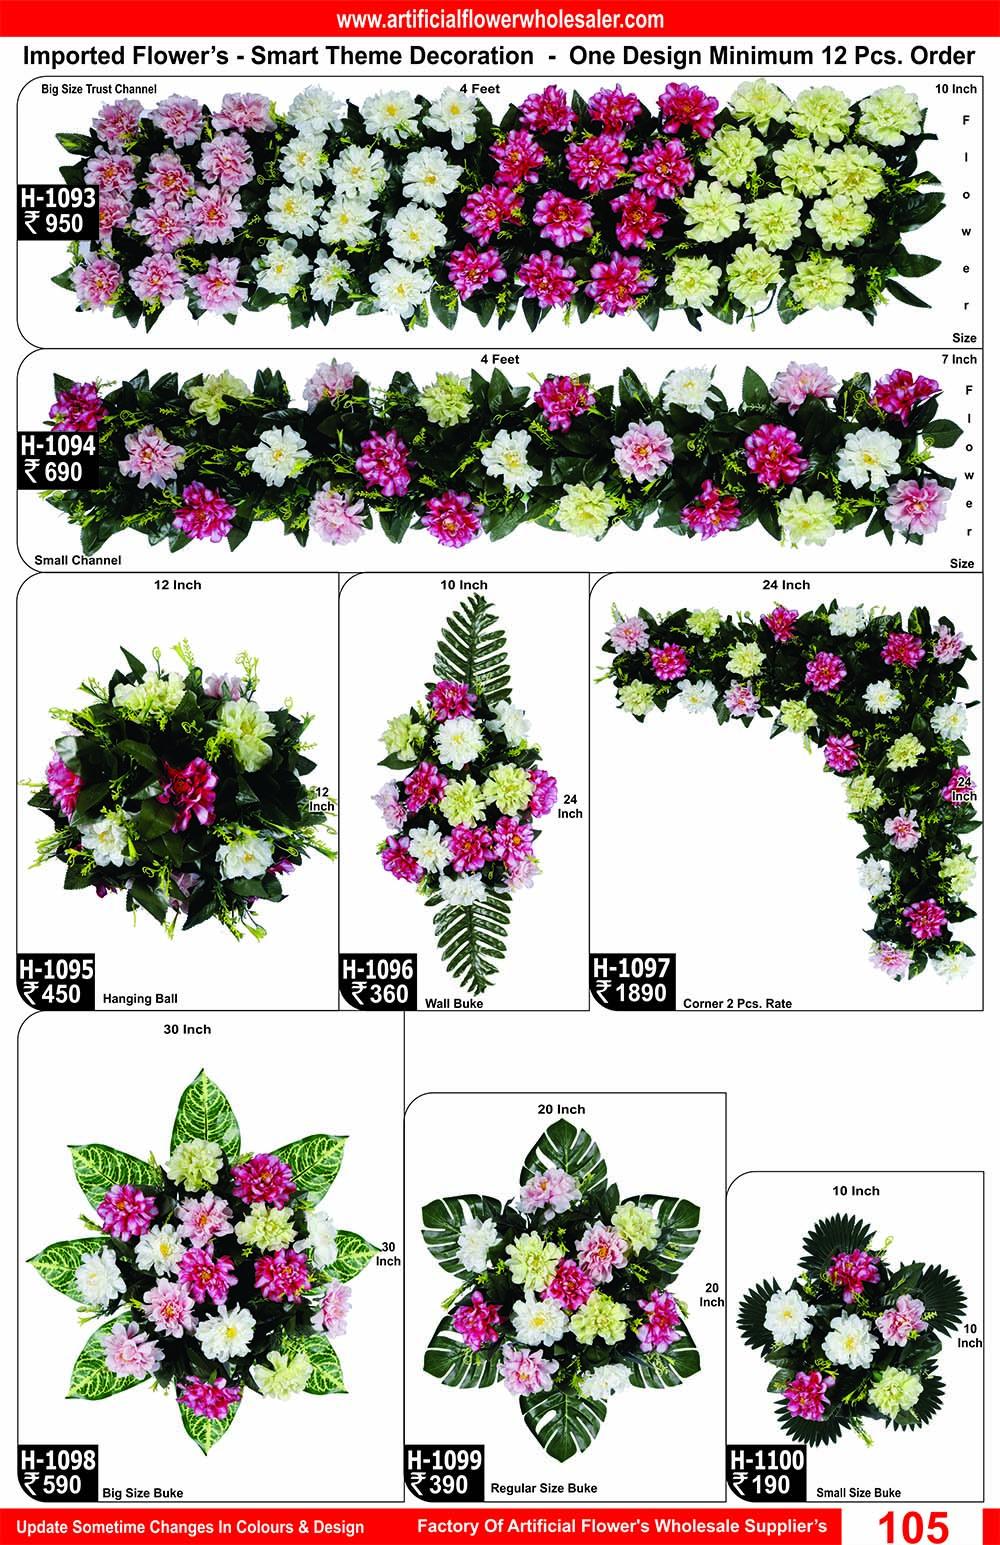 105-artificial-flower-wholesaler